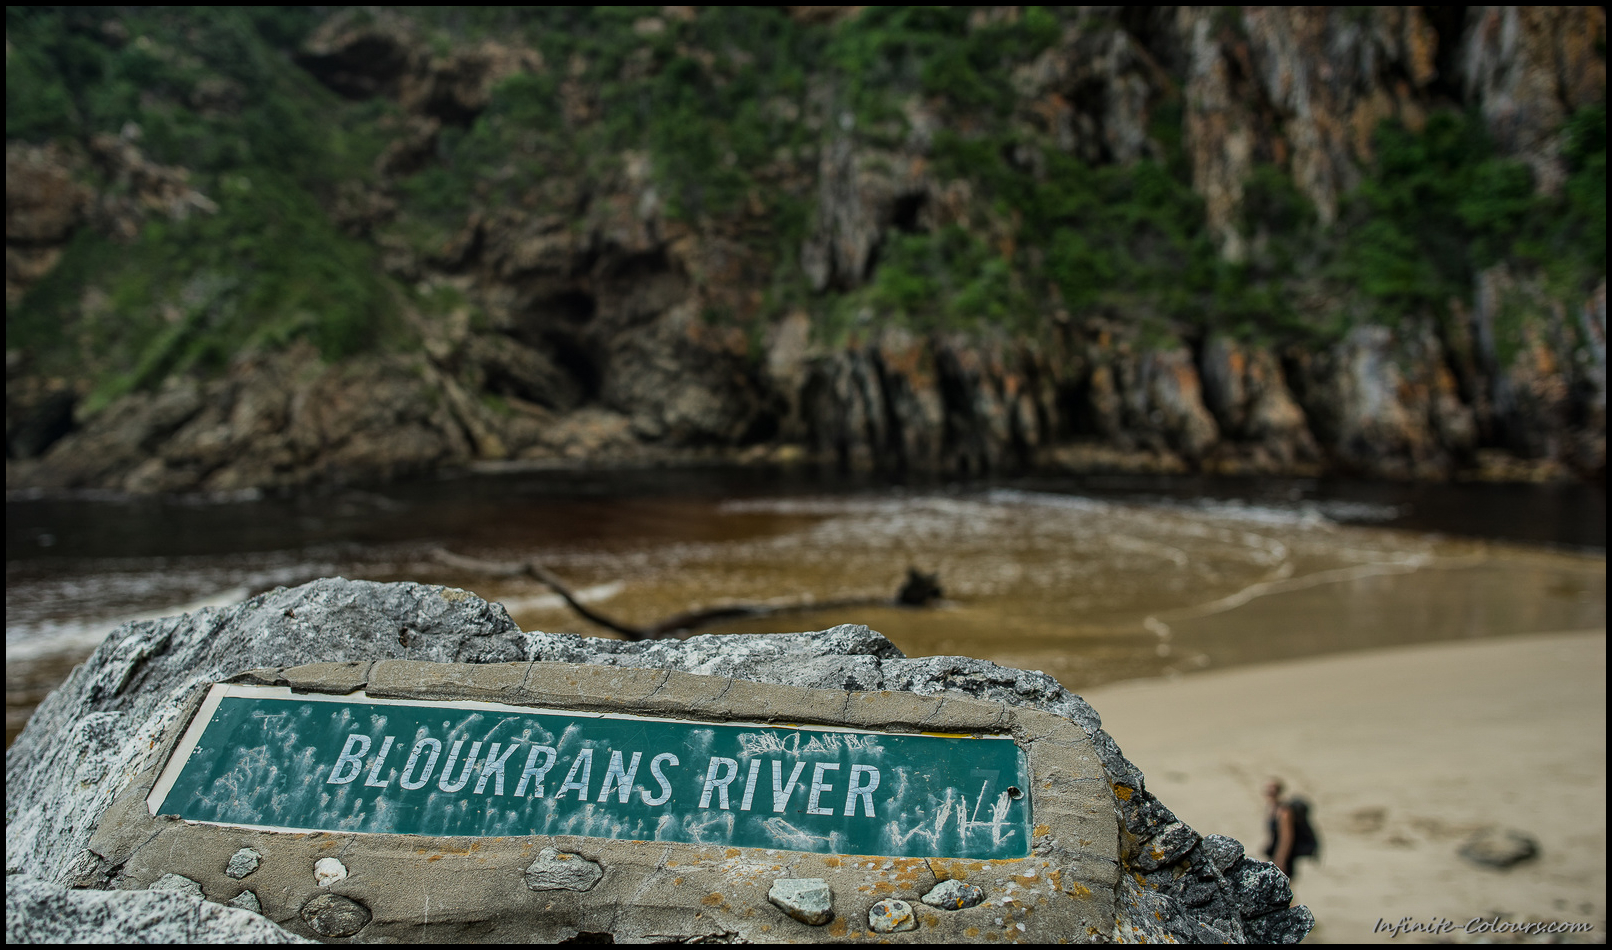 Battle-scared Bloukrans River sign